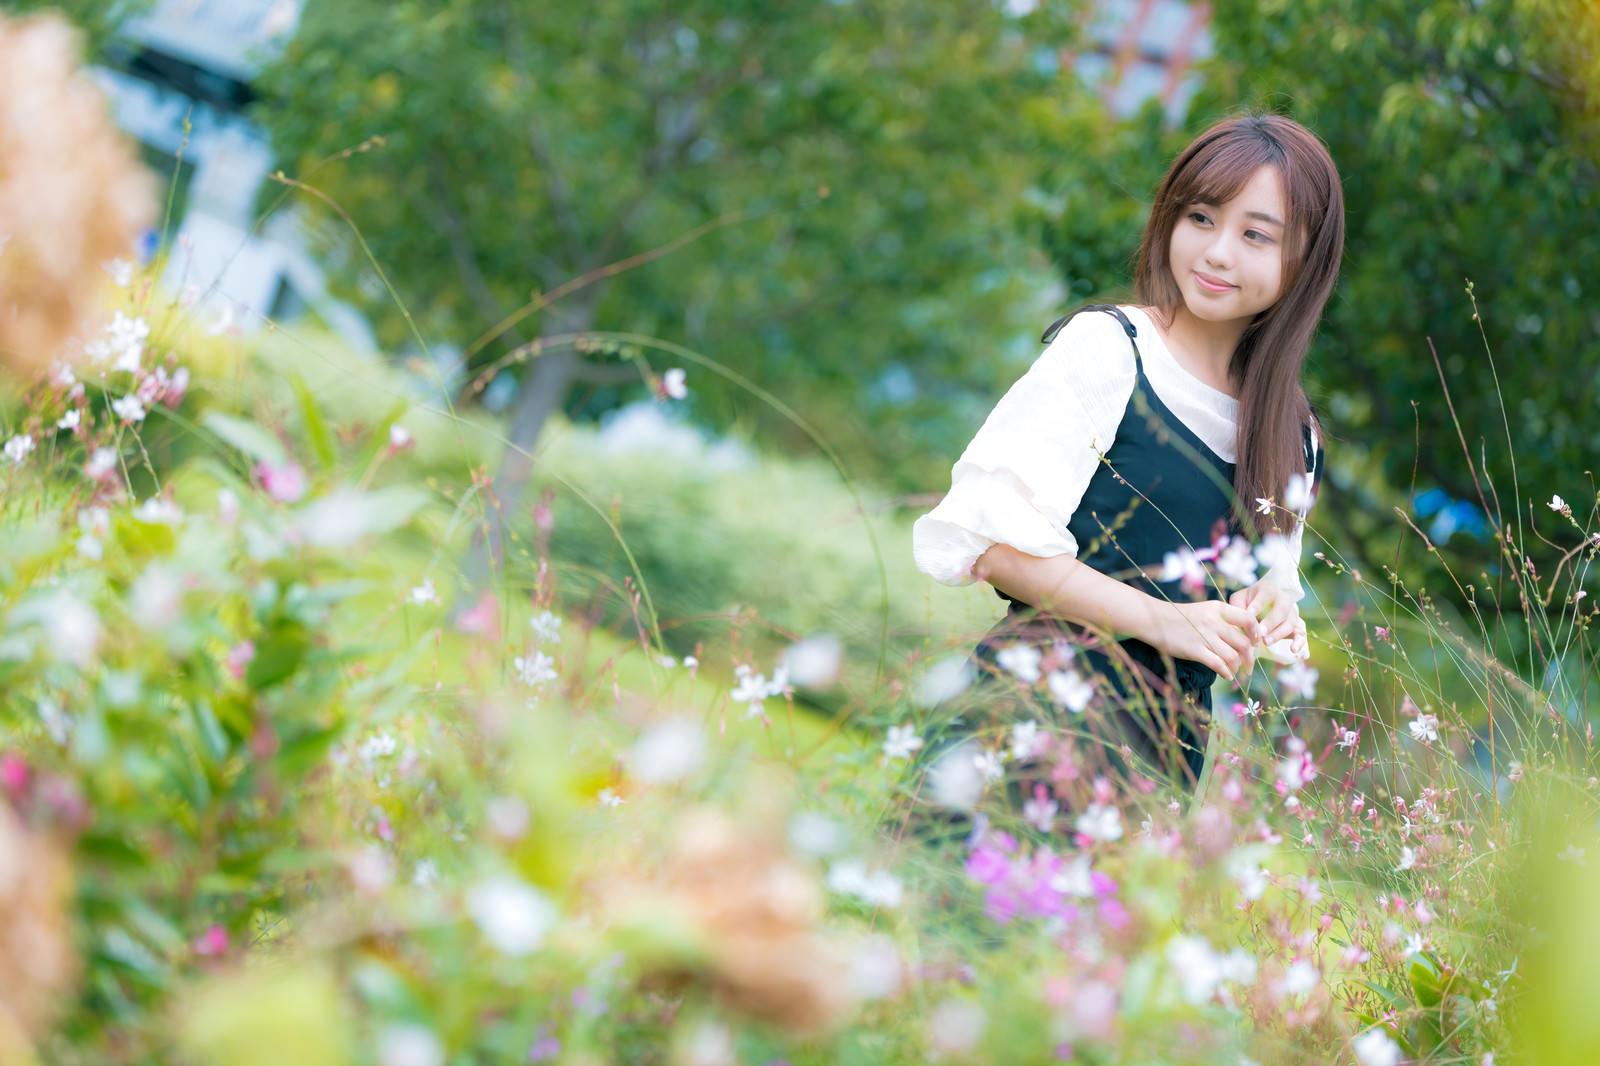 「お花摘みにきました」の写真[モデル:河村友歌]